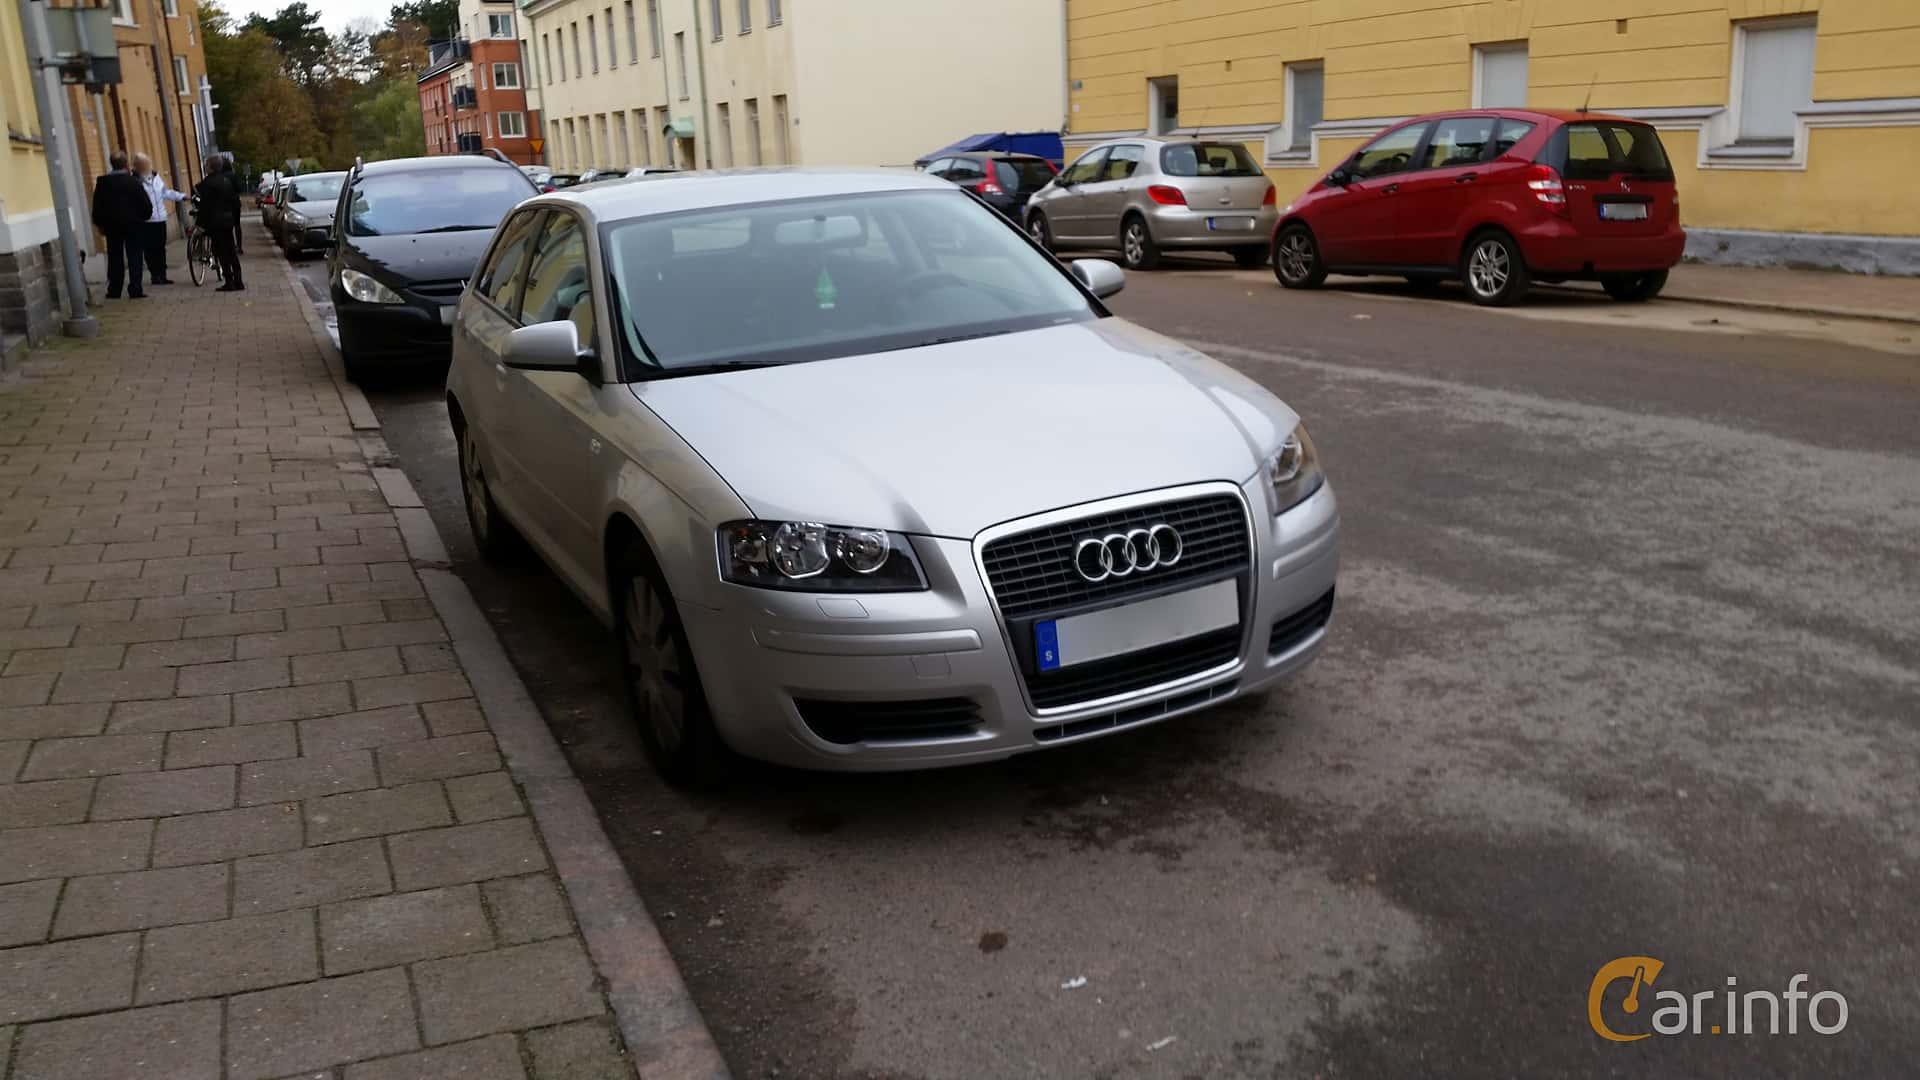 roxens bilservice i linköping